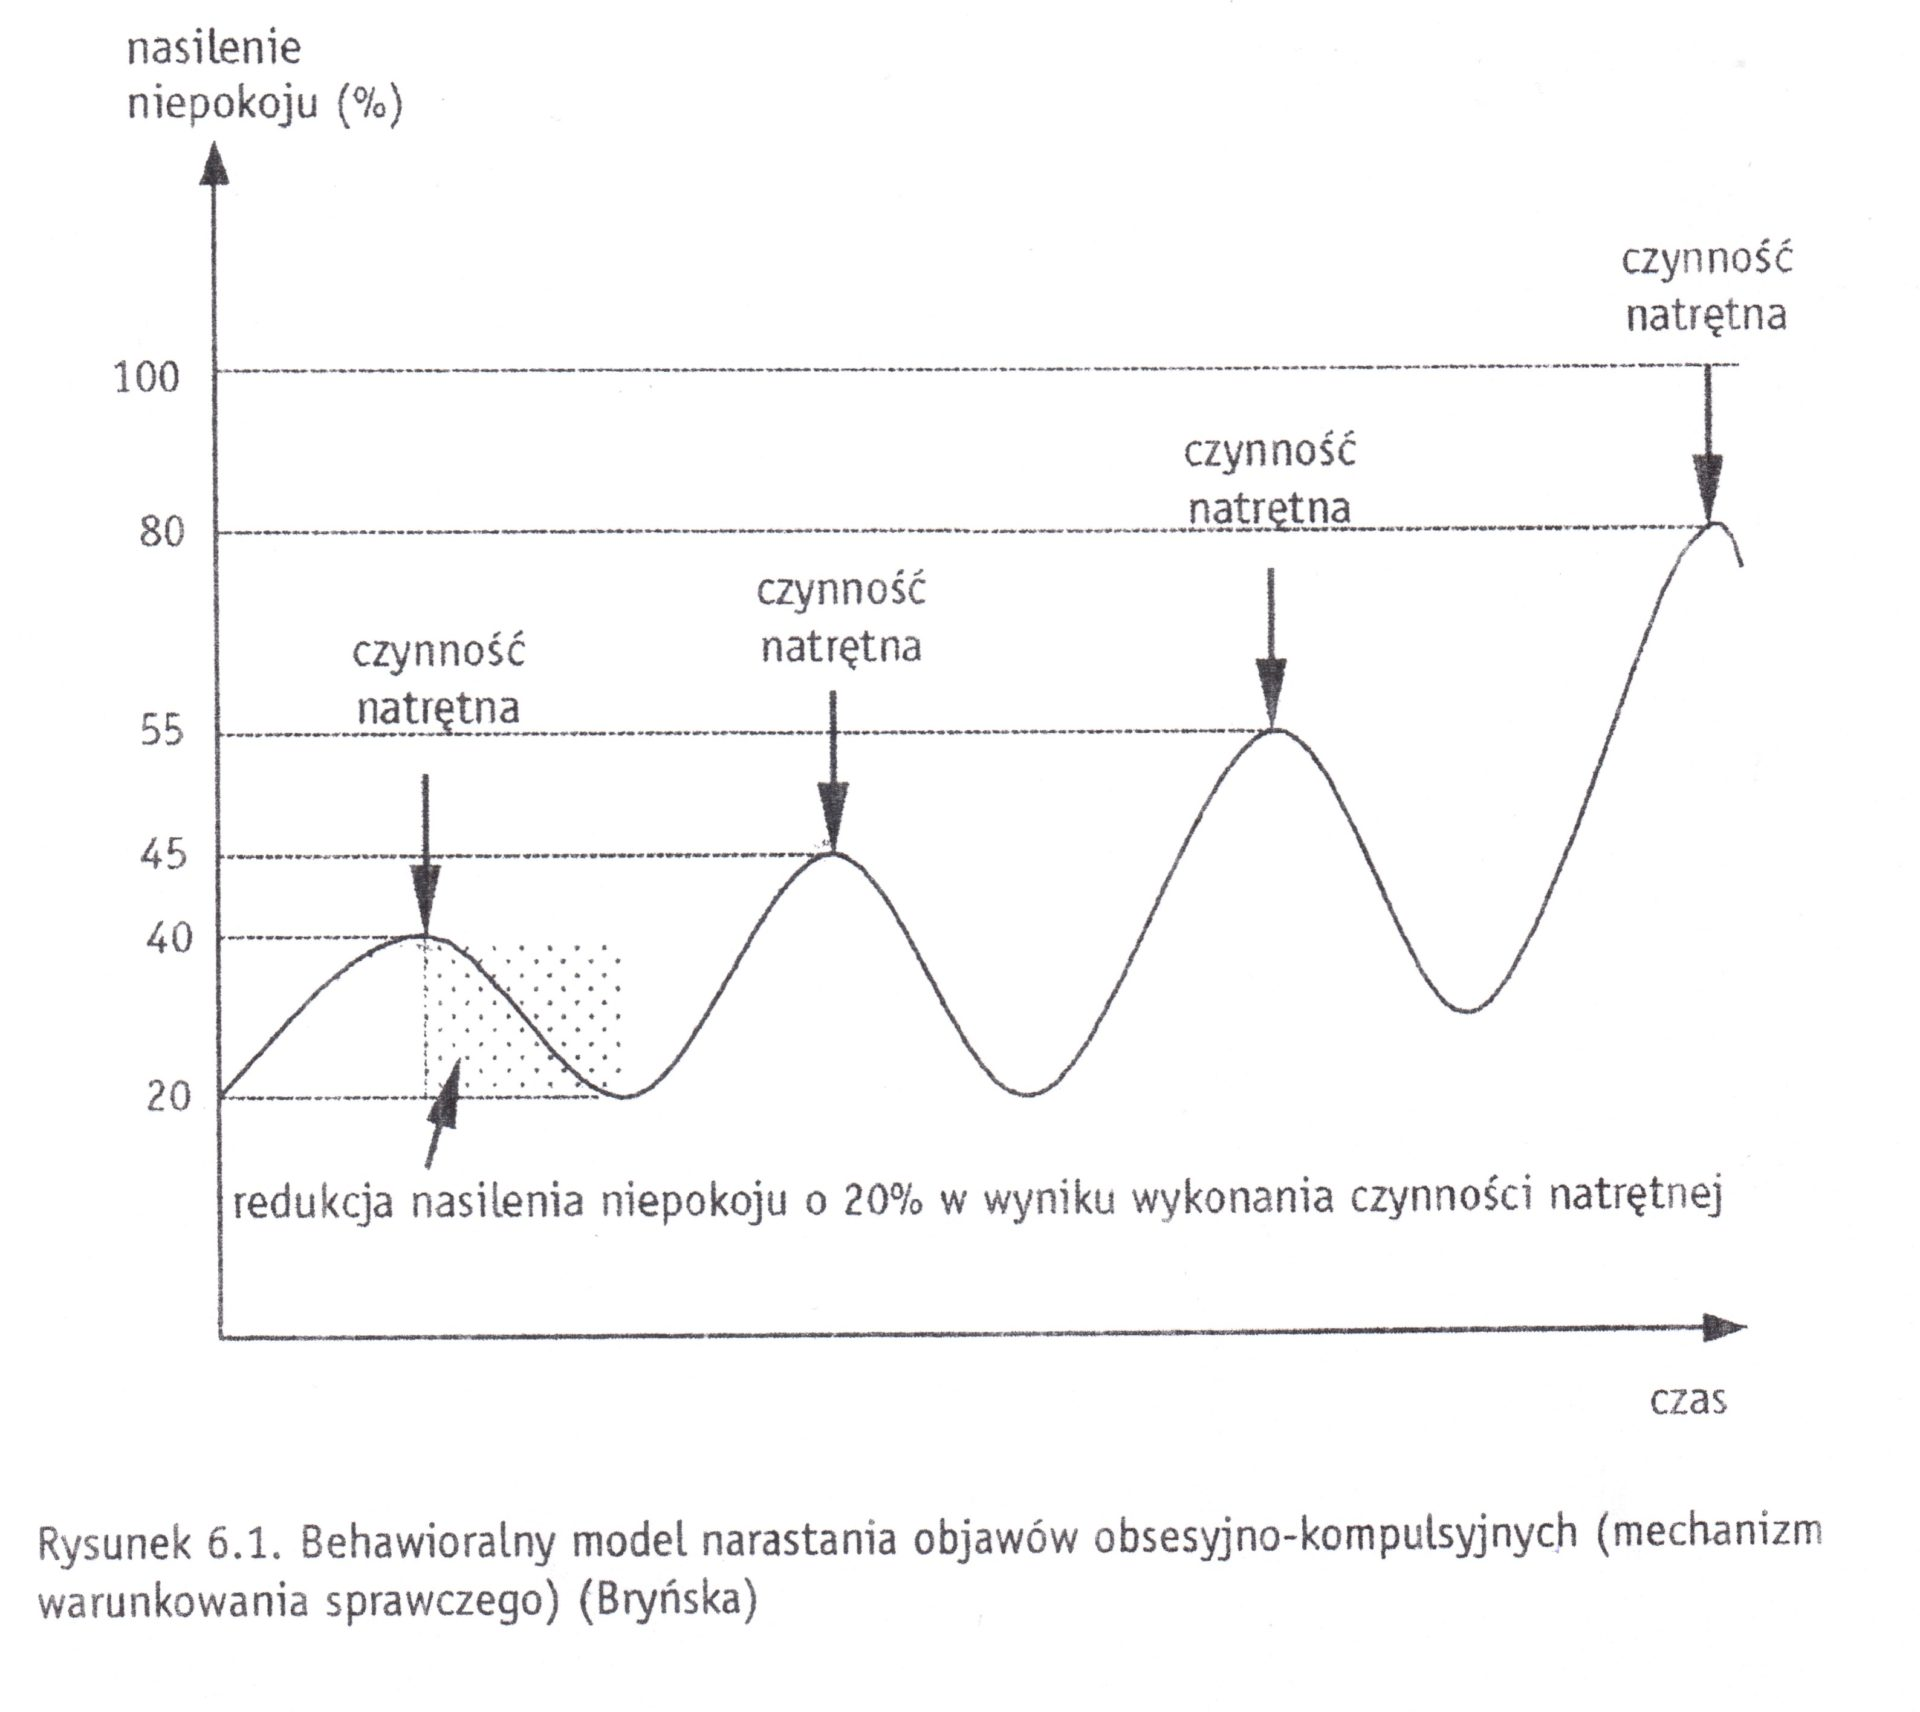 Behawioralny model narastania objawów zaburzenia obsesyjno-kompulsyjnego